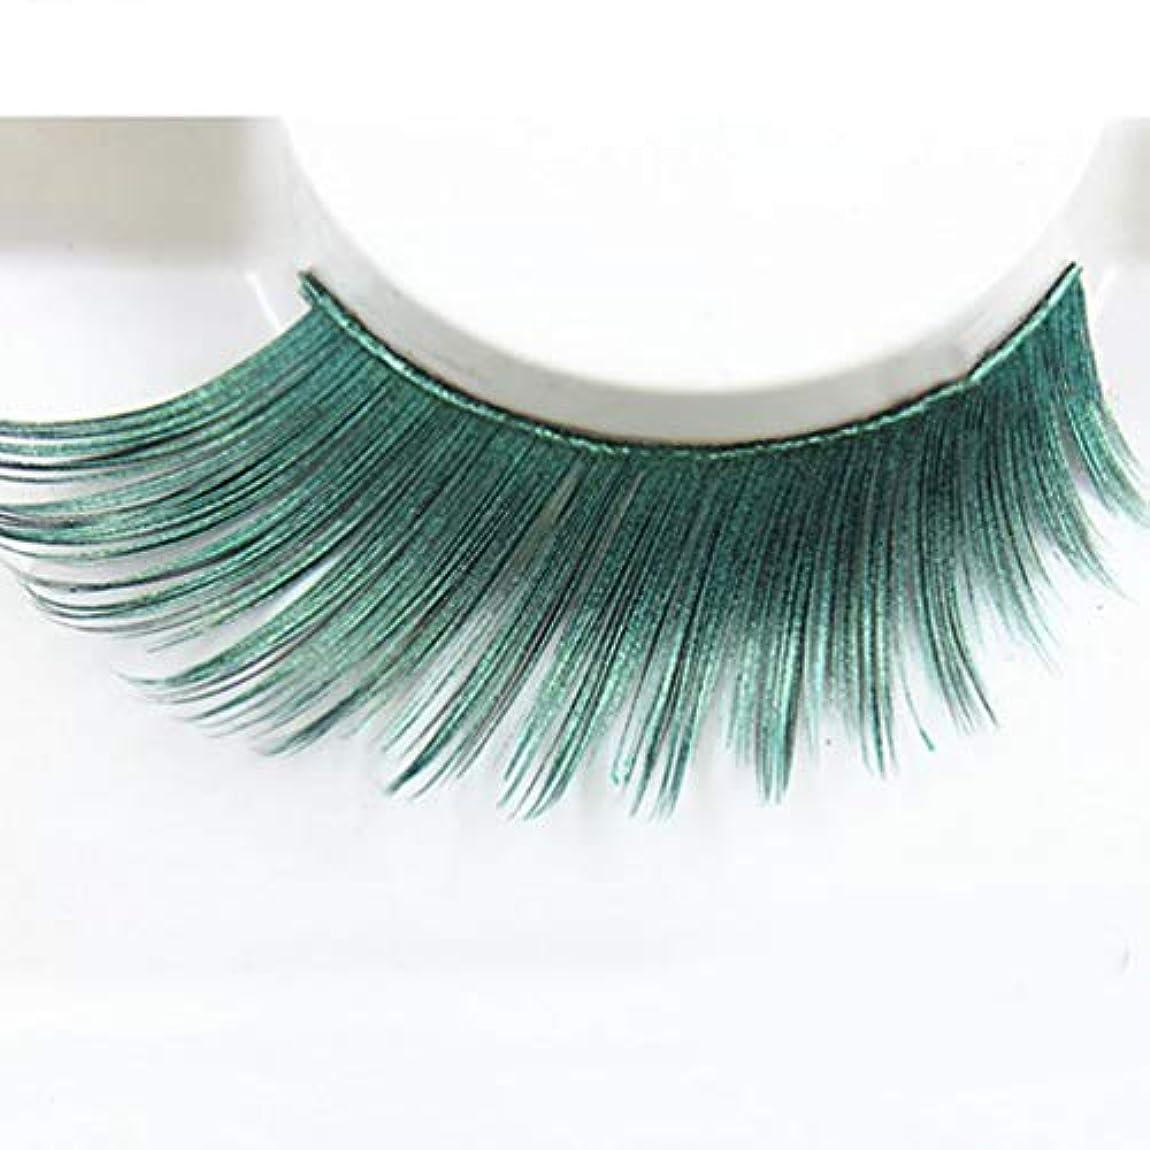 起きて好きであるご注意(ライチ) Lychee (ライチ) Lychee 2ペアはいり つけまつげ 濃密 超長い 誇張 目尻が伸びる 欧米スタイル ふんわりロング 手作り グリーン パーティー用 ステージメイク 長持ち